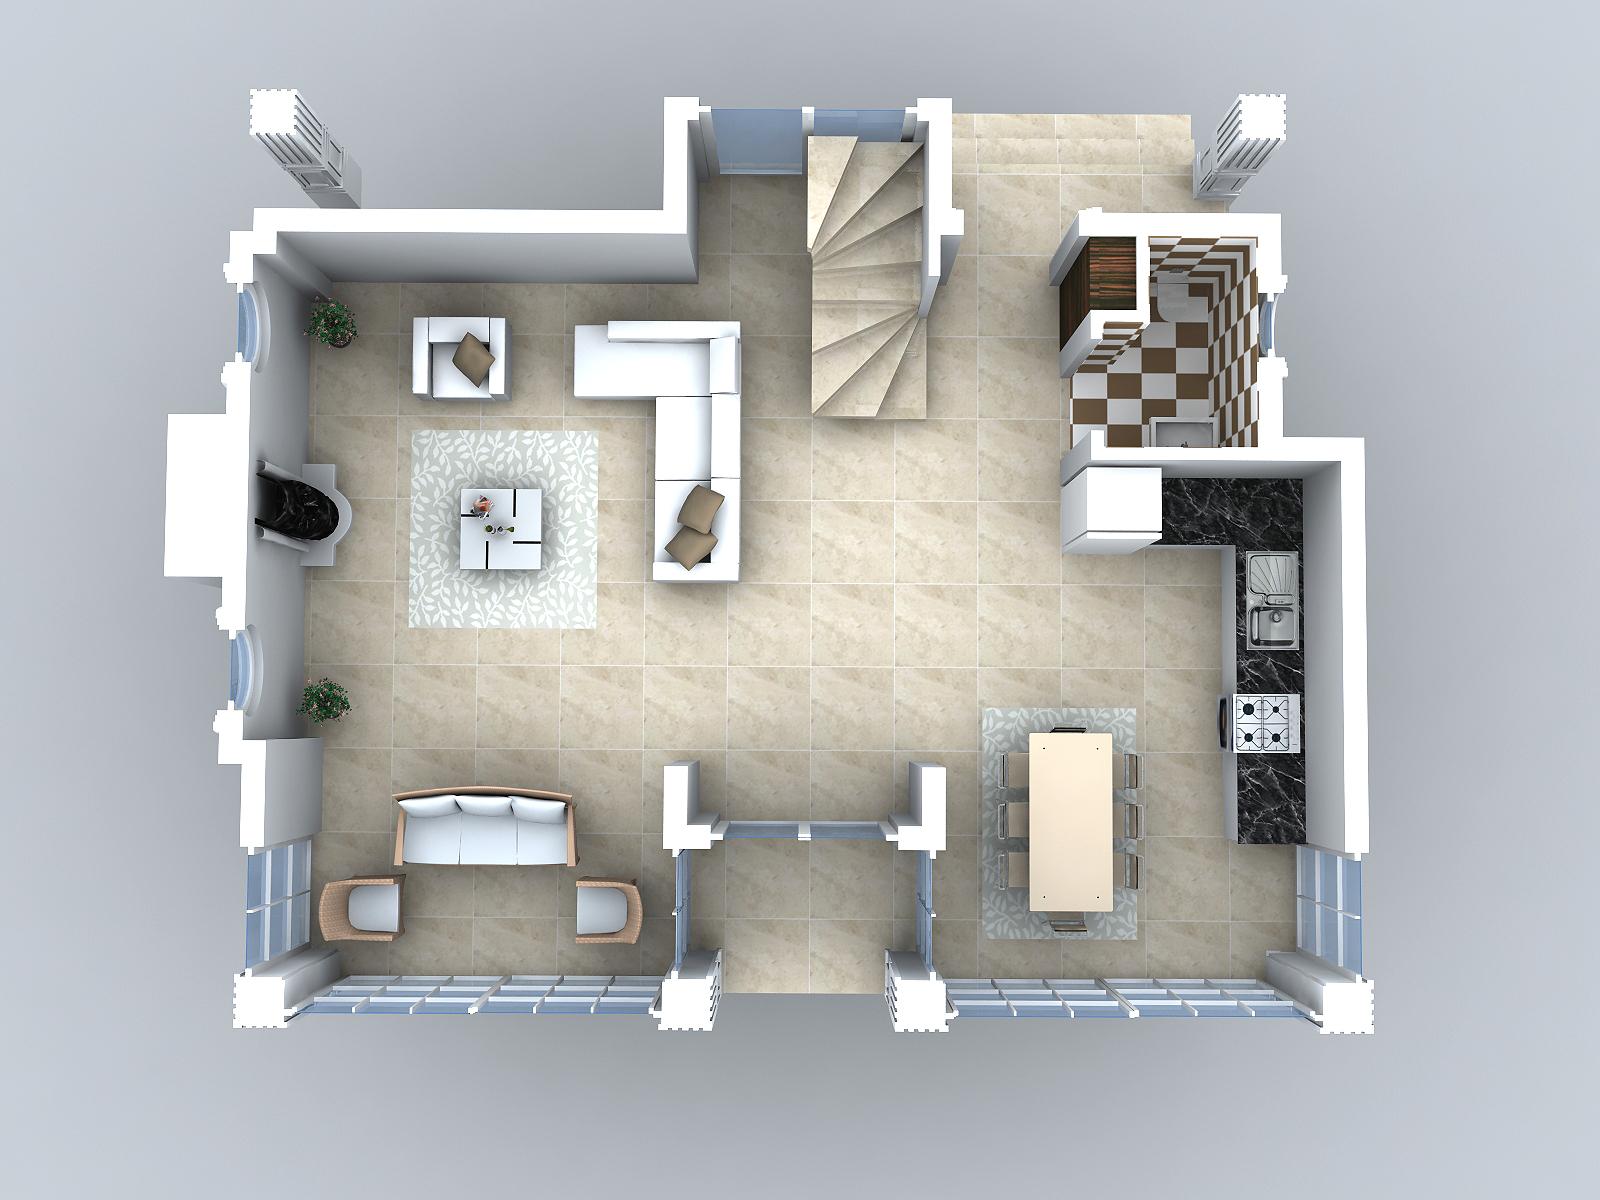 6. Ground Floor Plan